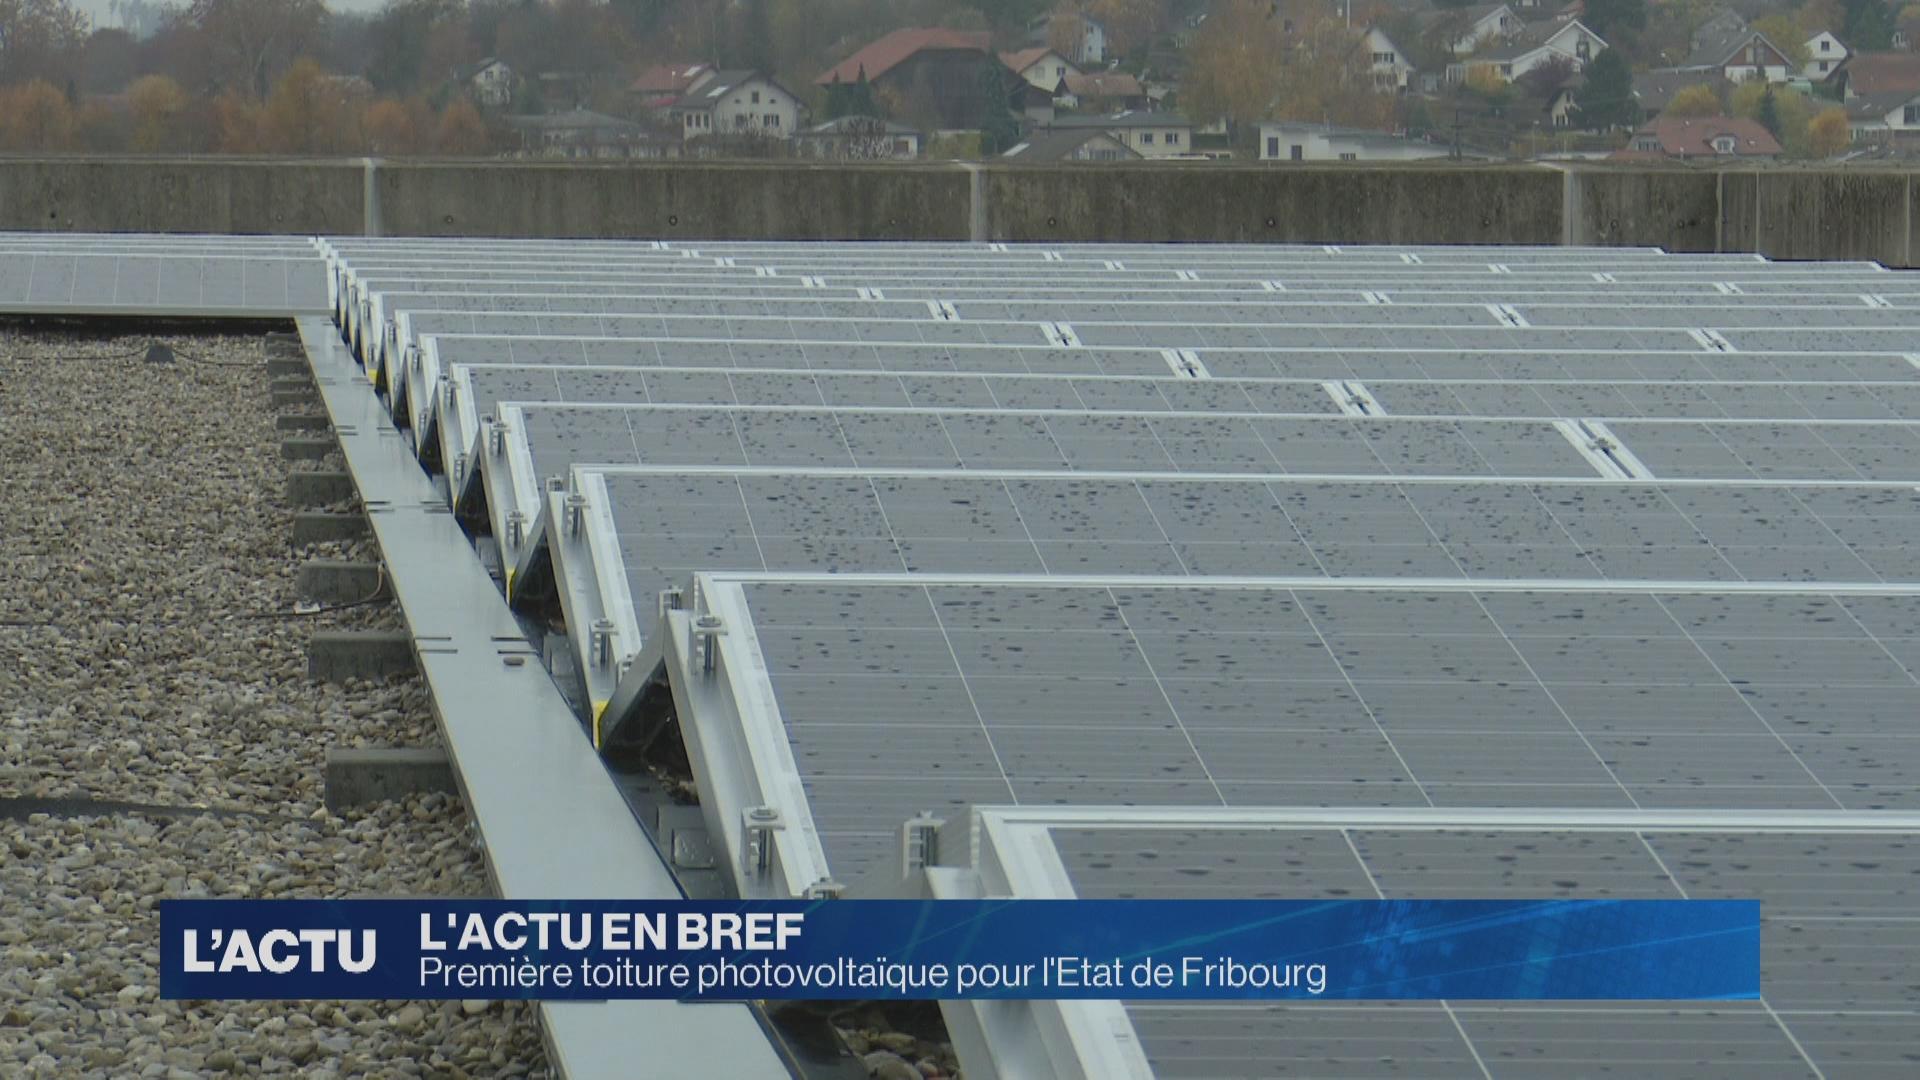 Première toiture photovoltaïque pour l'Etat de Fribourg